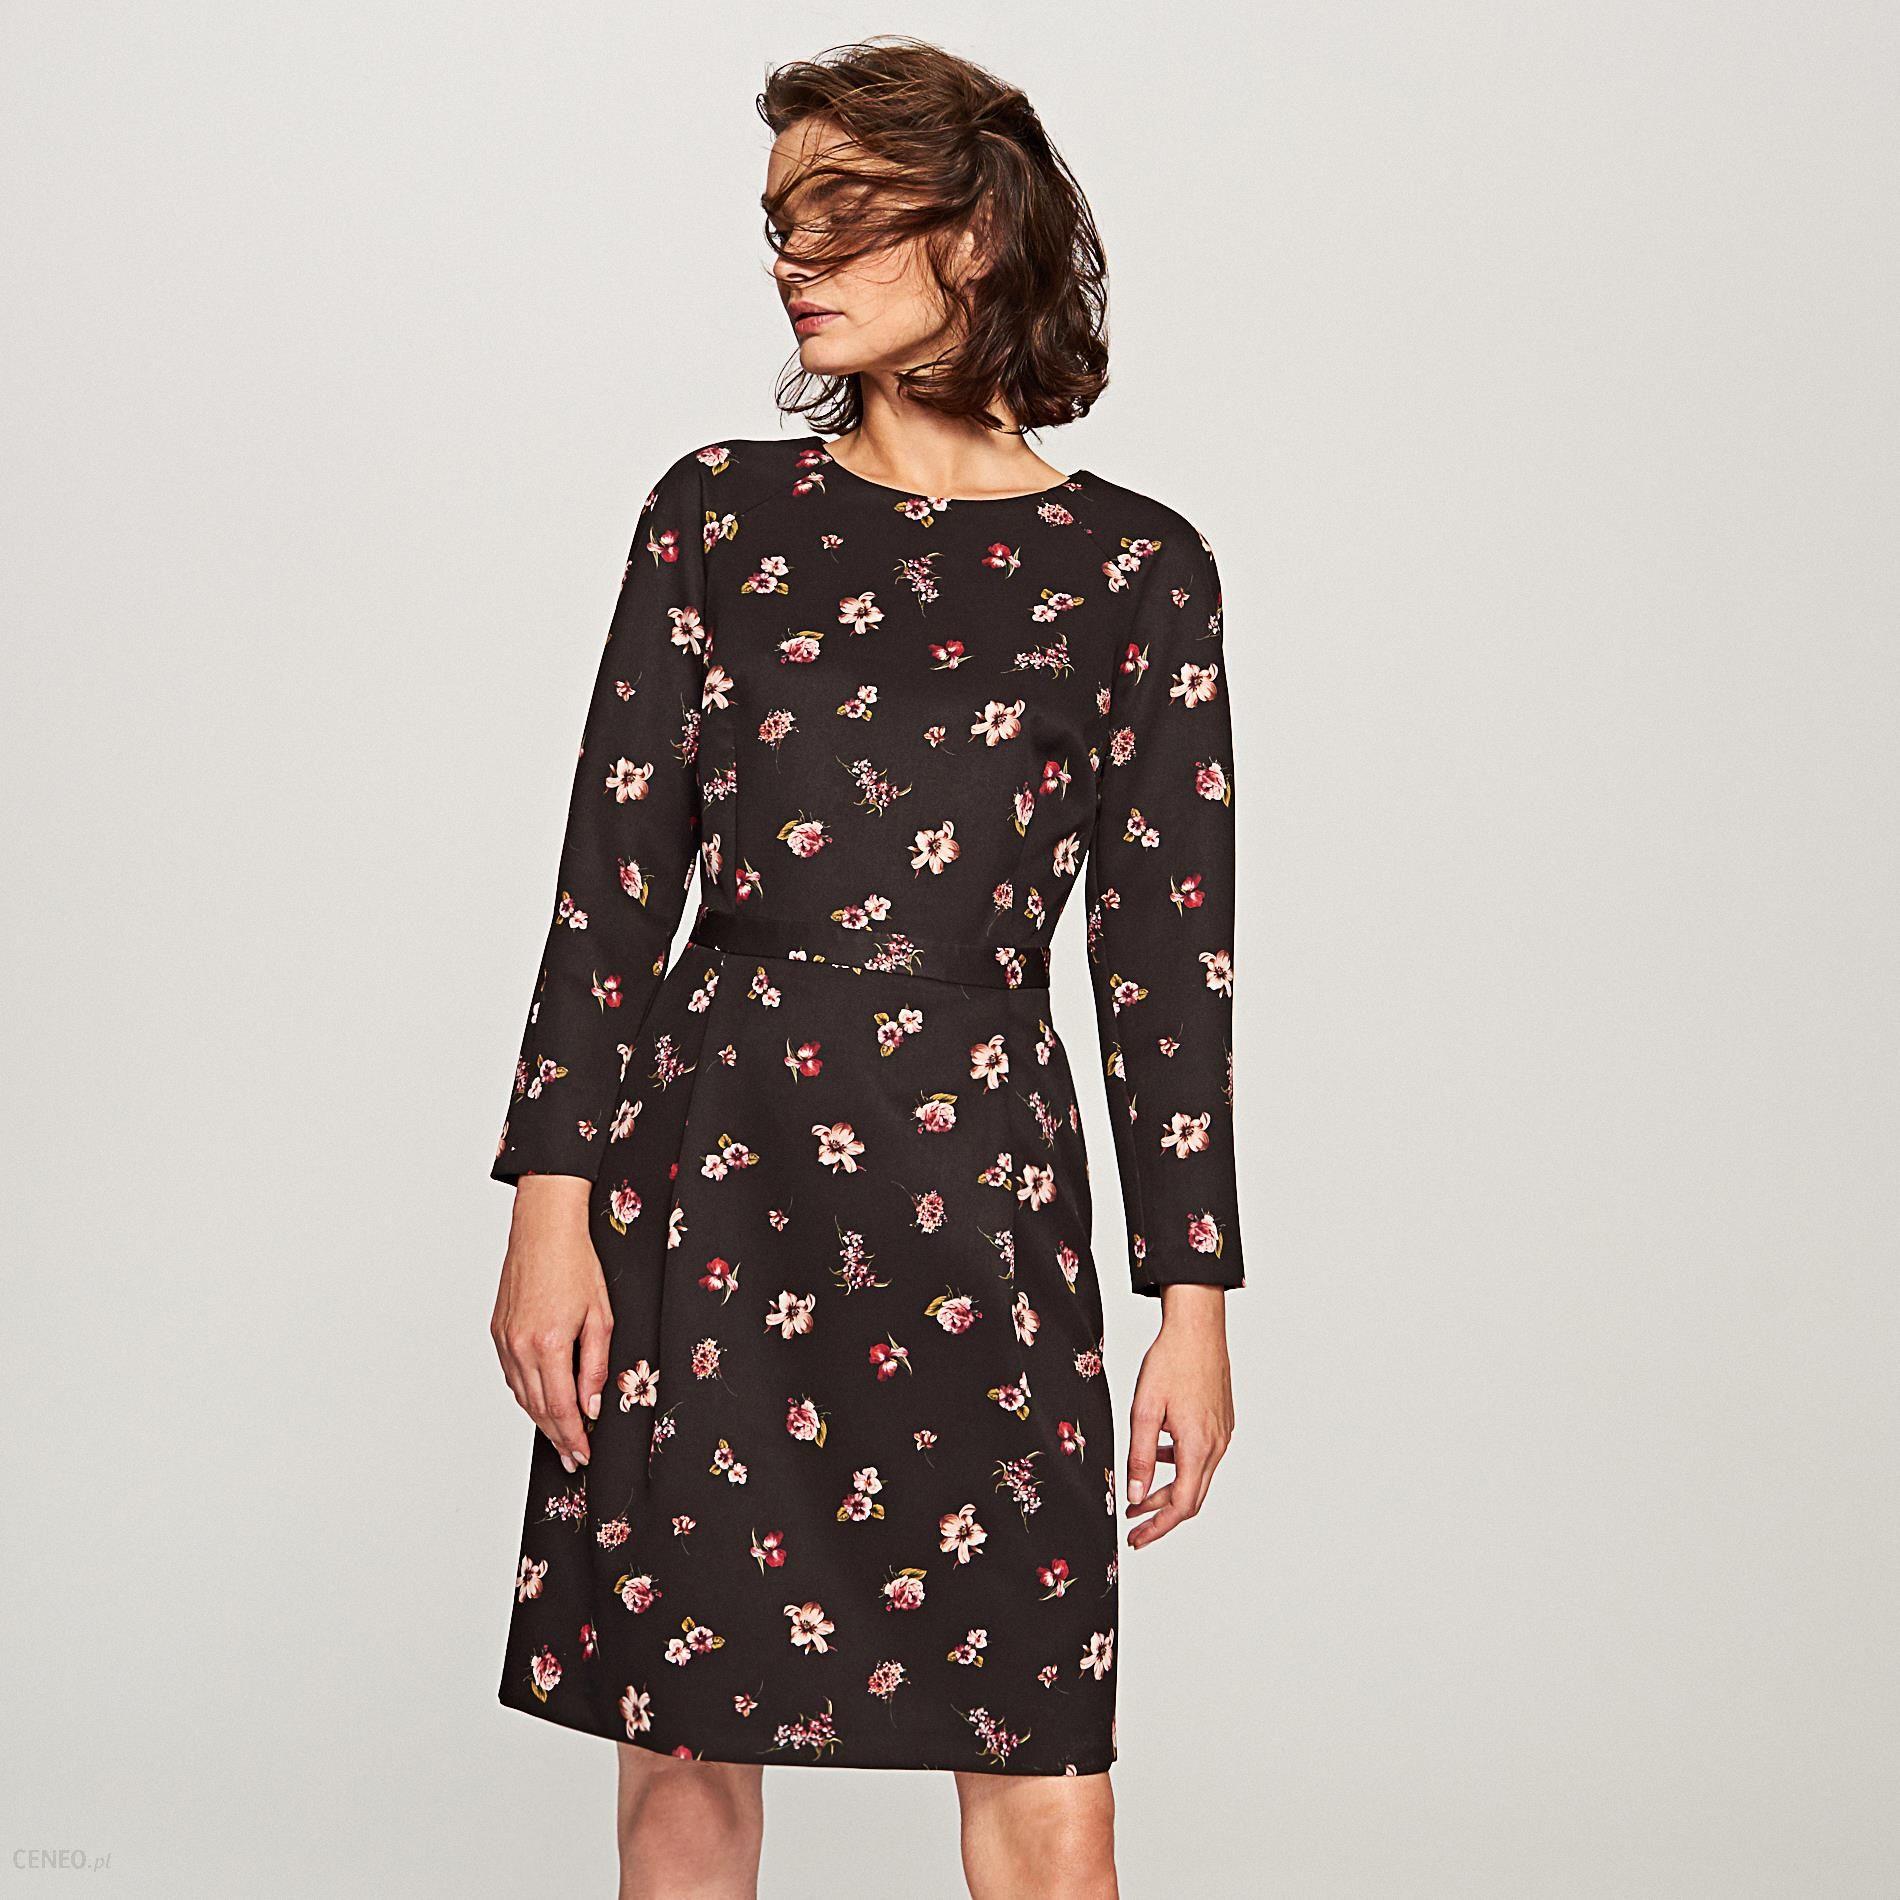 7ef6420b2c8726 Reserved - Sukienka w kwiaty - Wielobarwn - Ceny i opinie - Ceneo.pl